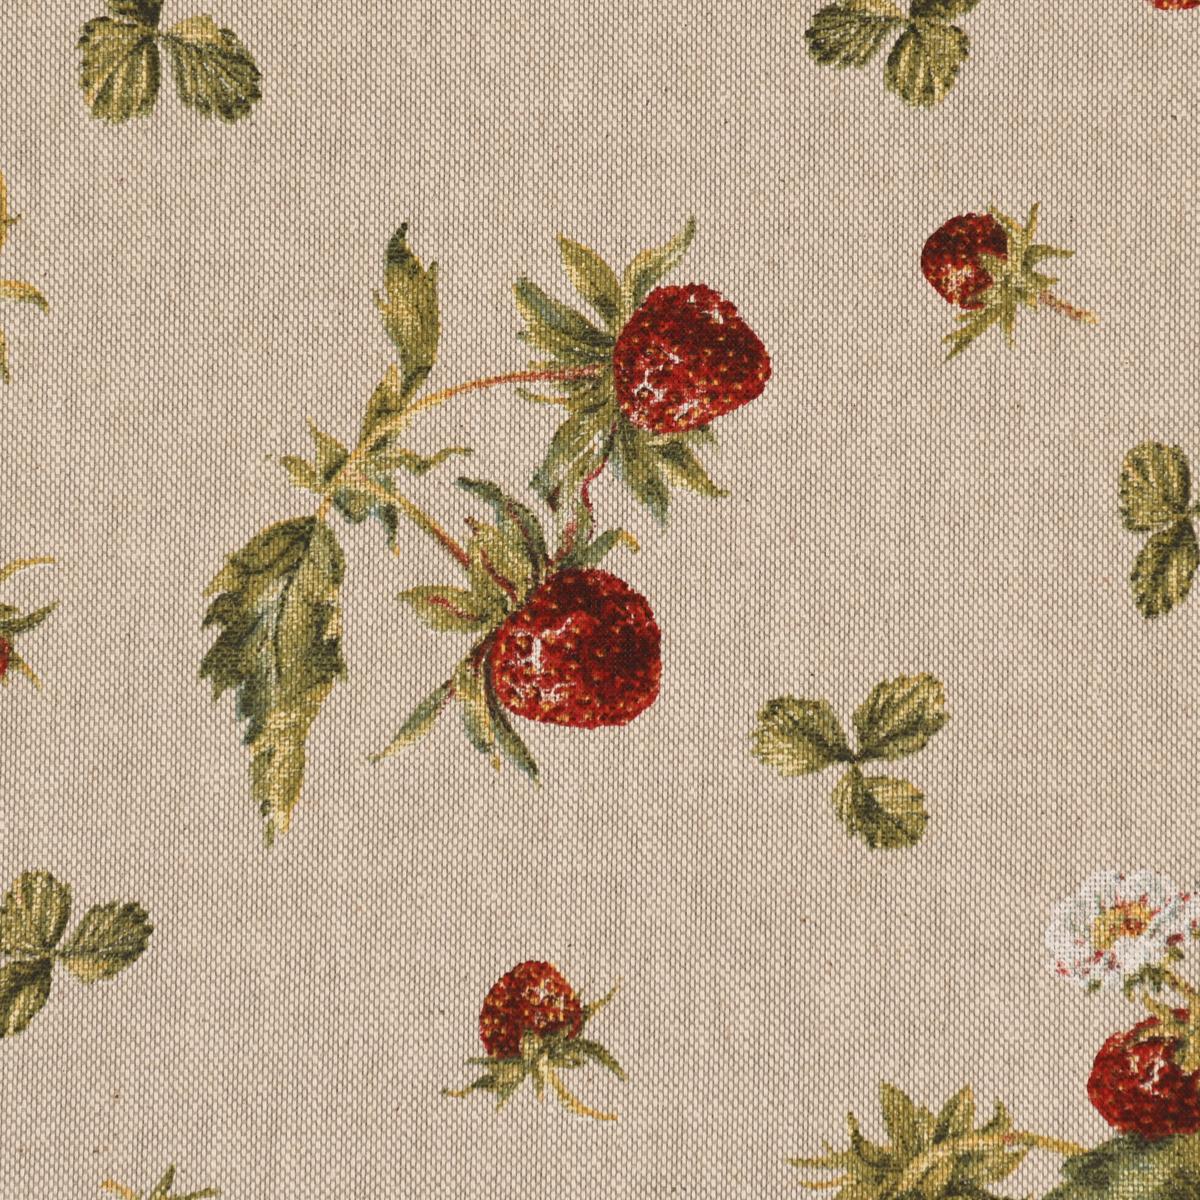 Hellery 10 St/ücke Gedr/ückt Zinnia Blumen Nat/ürliche Getrocknete Blumen DIY Harz Schmuck Kunst Blumendekore F/ür Album Sammelalbum Handwerk Zinnie